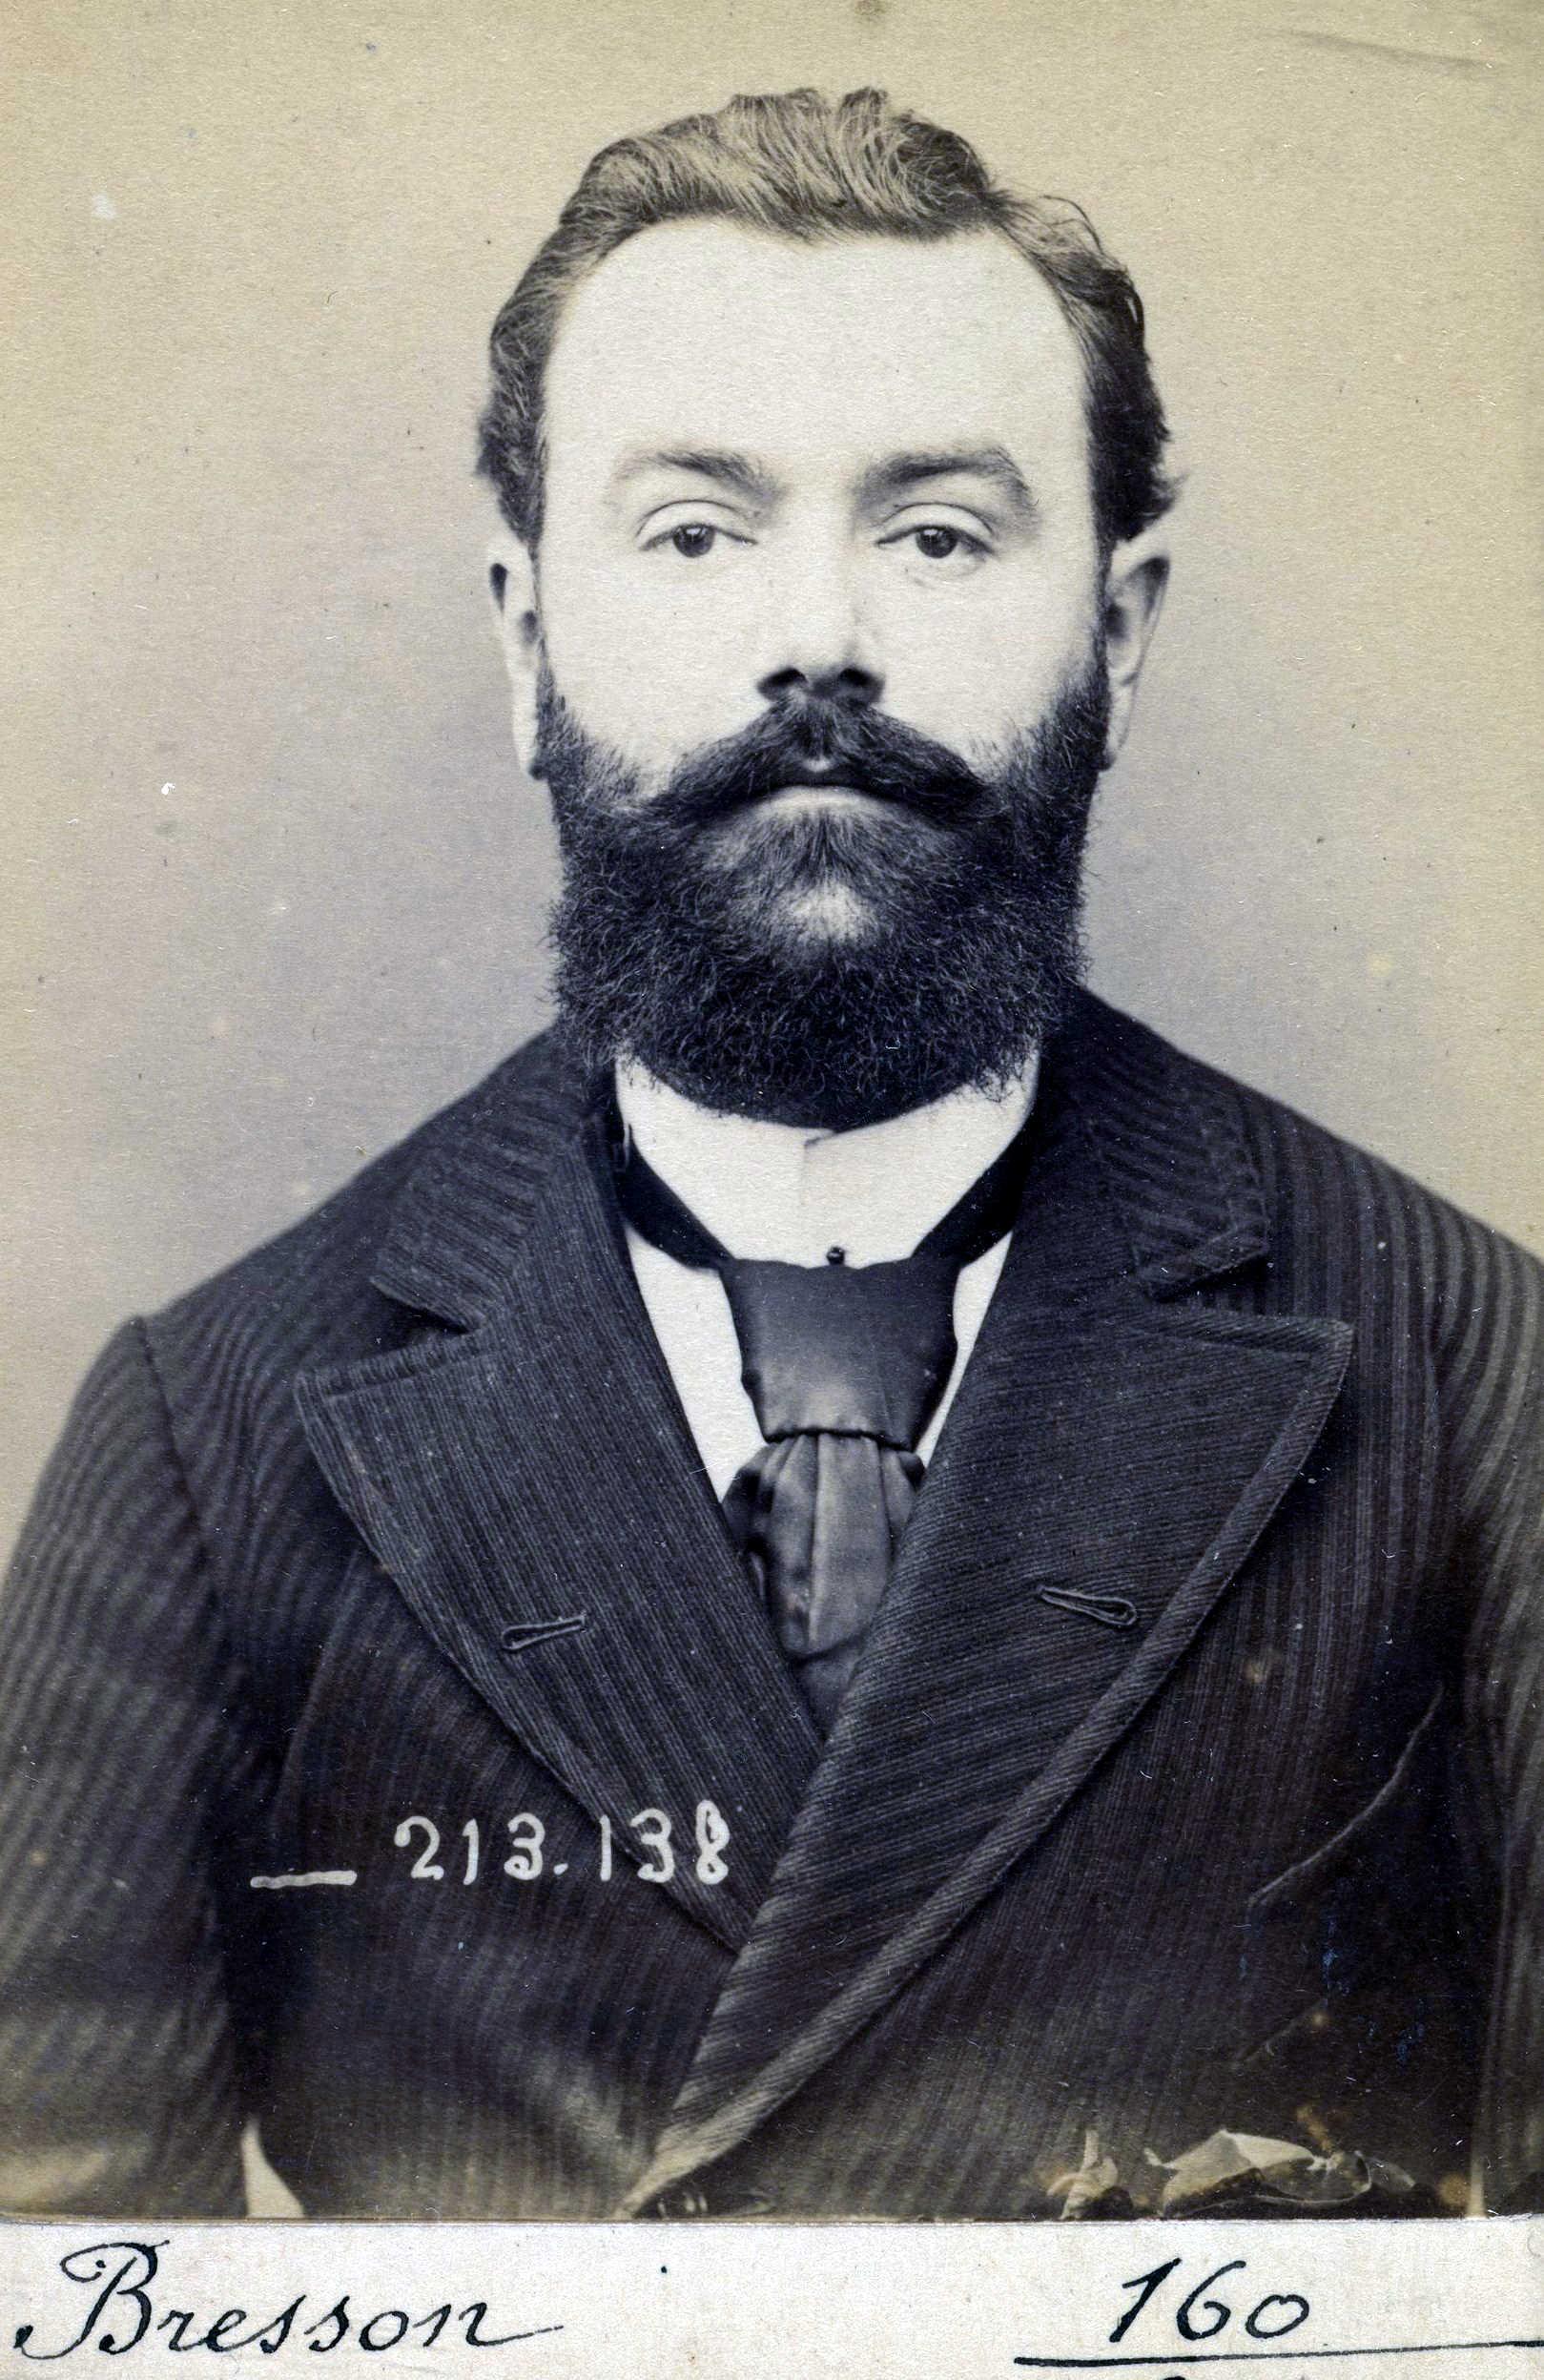 Foto policíaca de Marie-Eugène Bresson (20 de gener de 1894)